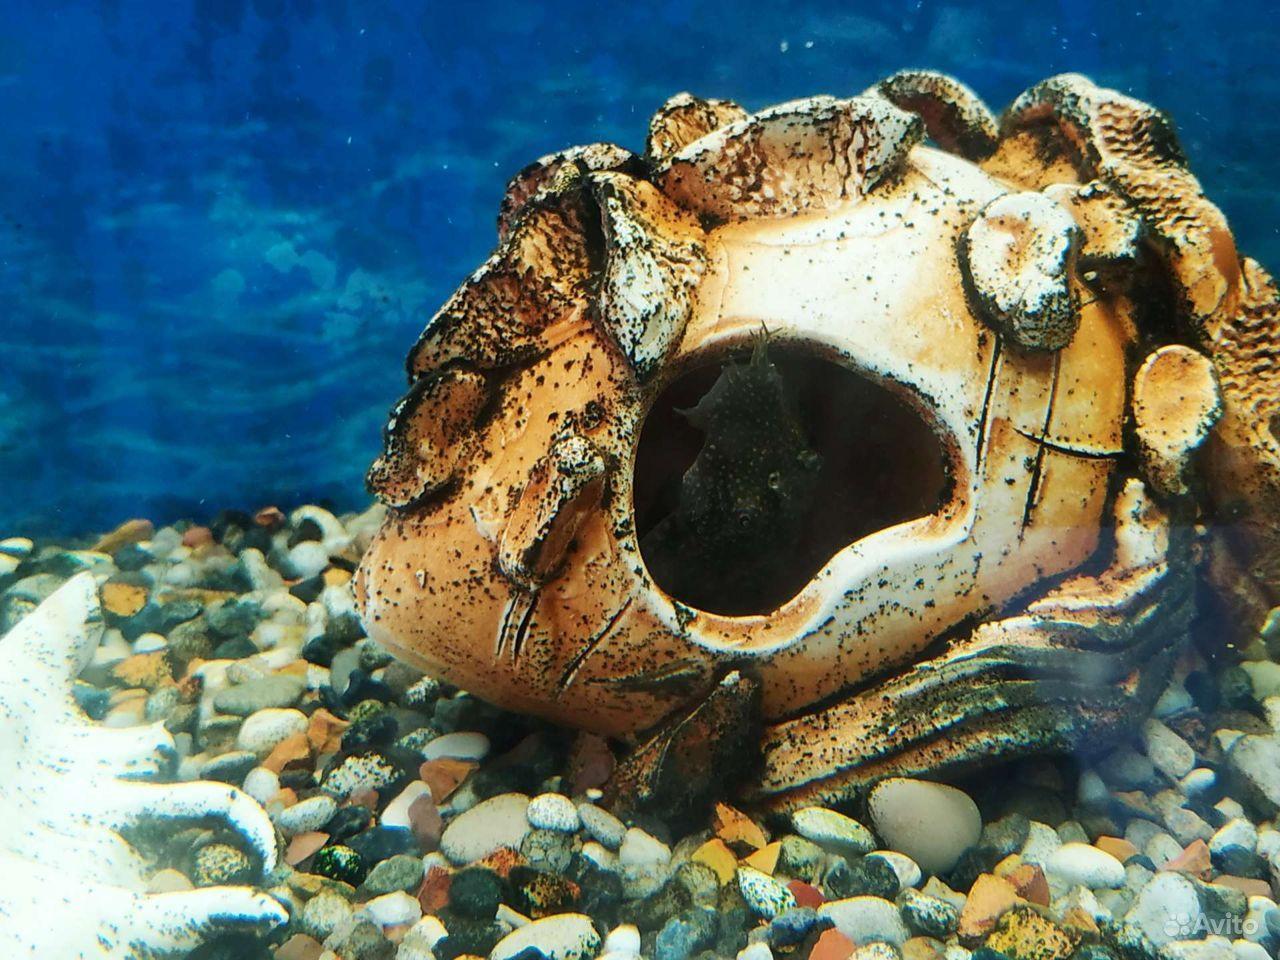 Украшение для аквариума купить на Зозу.ру - фотография № 7